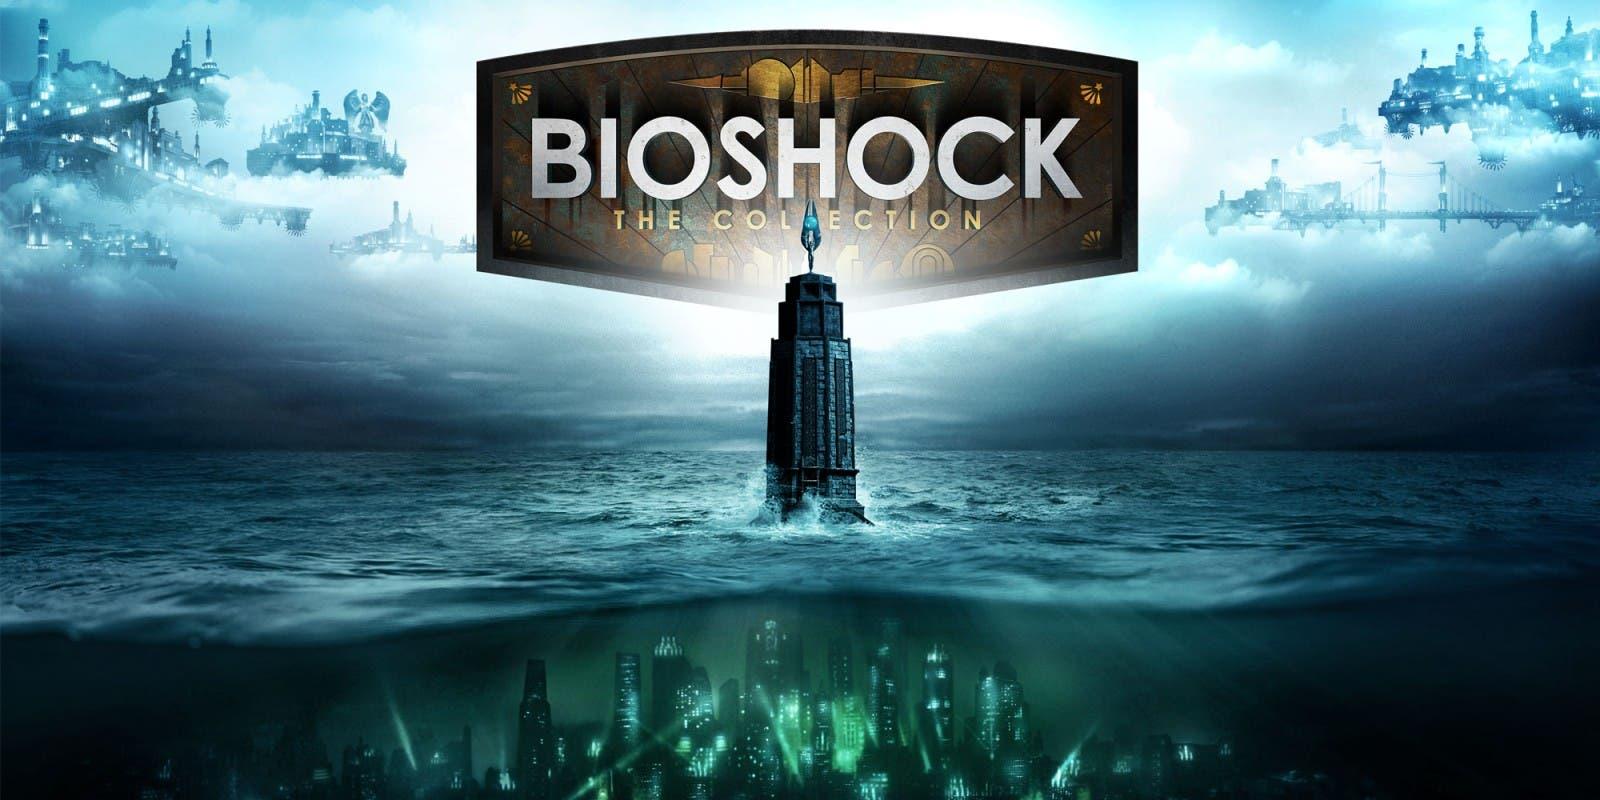 El próximo BioShock podría ser de mundo abierto según una lista de trabajos 2